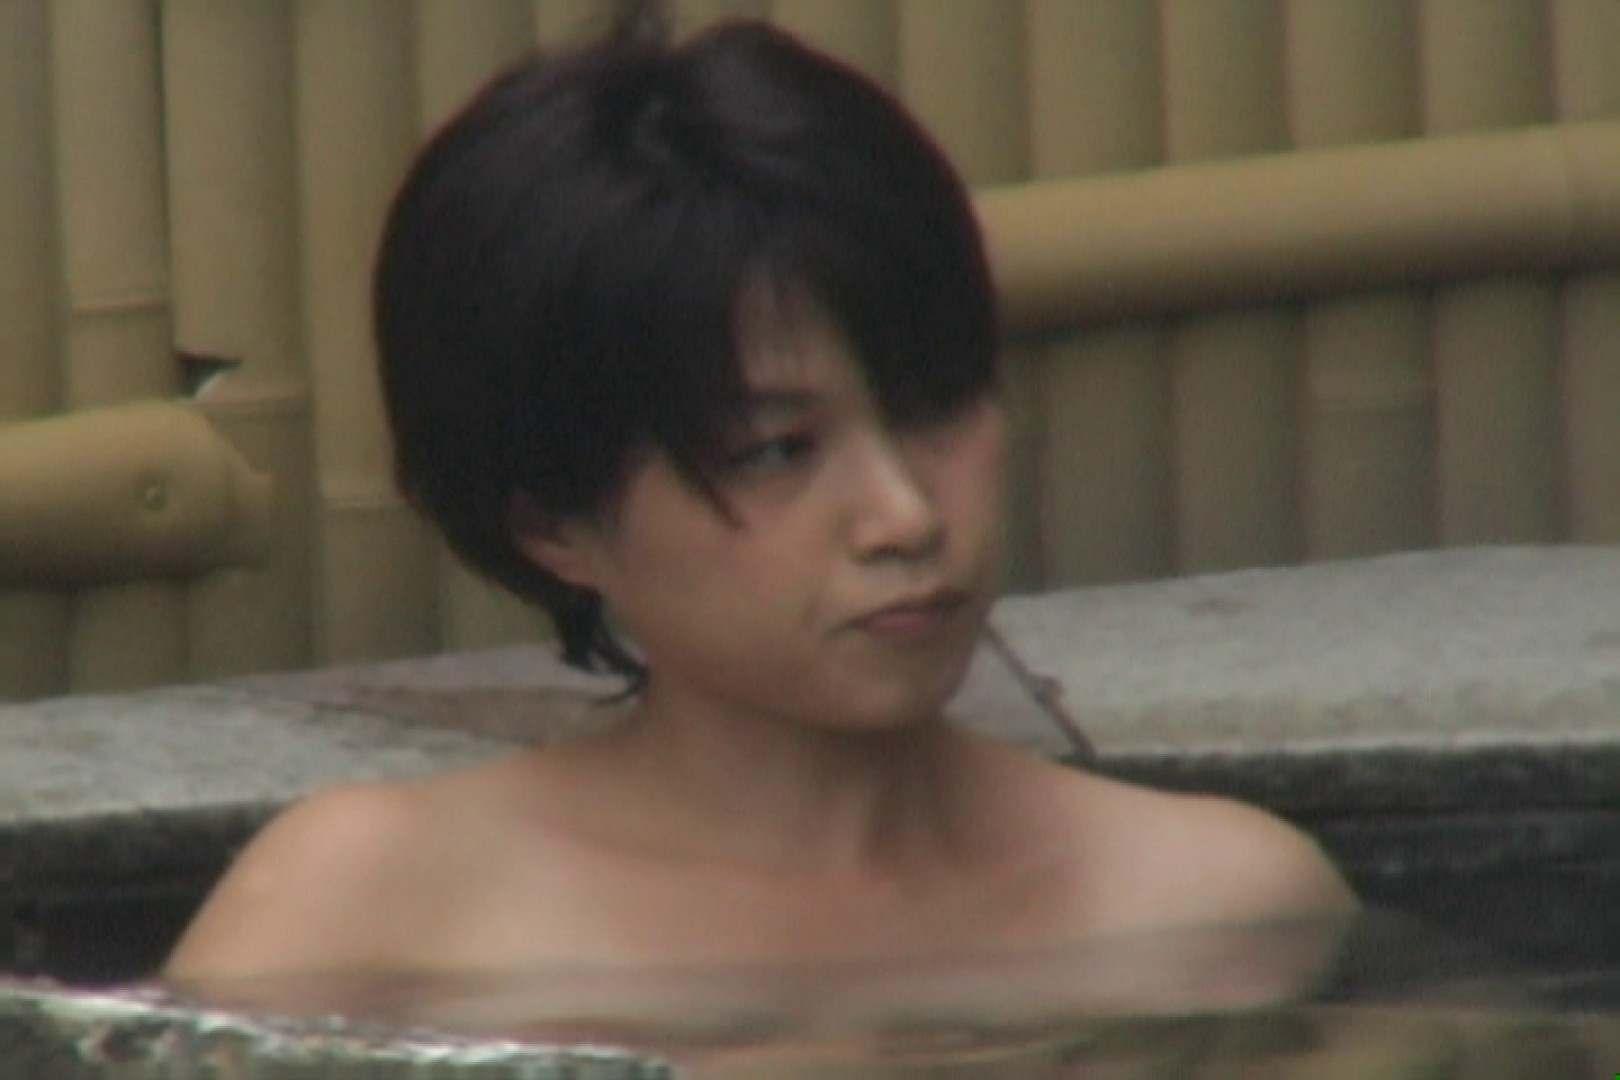 Aquaな露天風呂Vol.624 露天  52画像 12